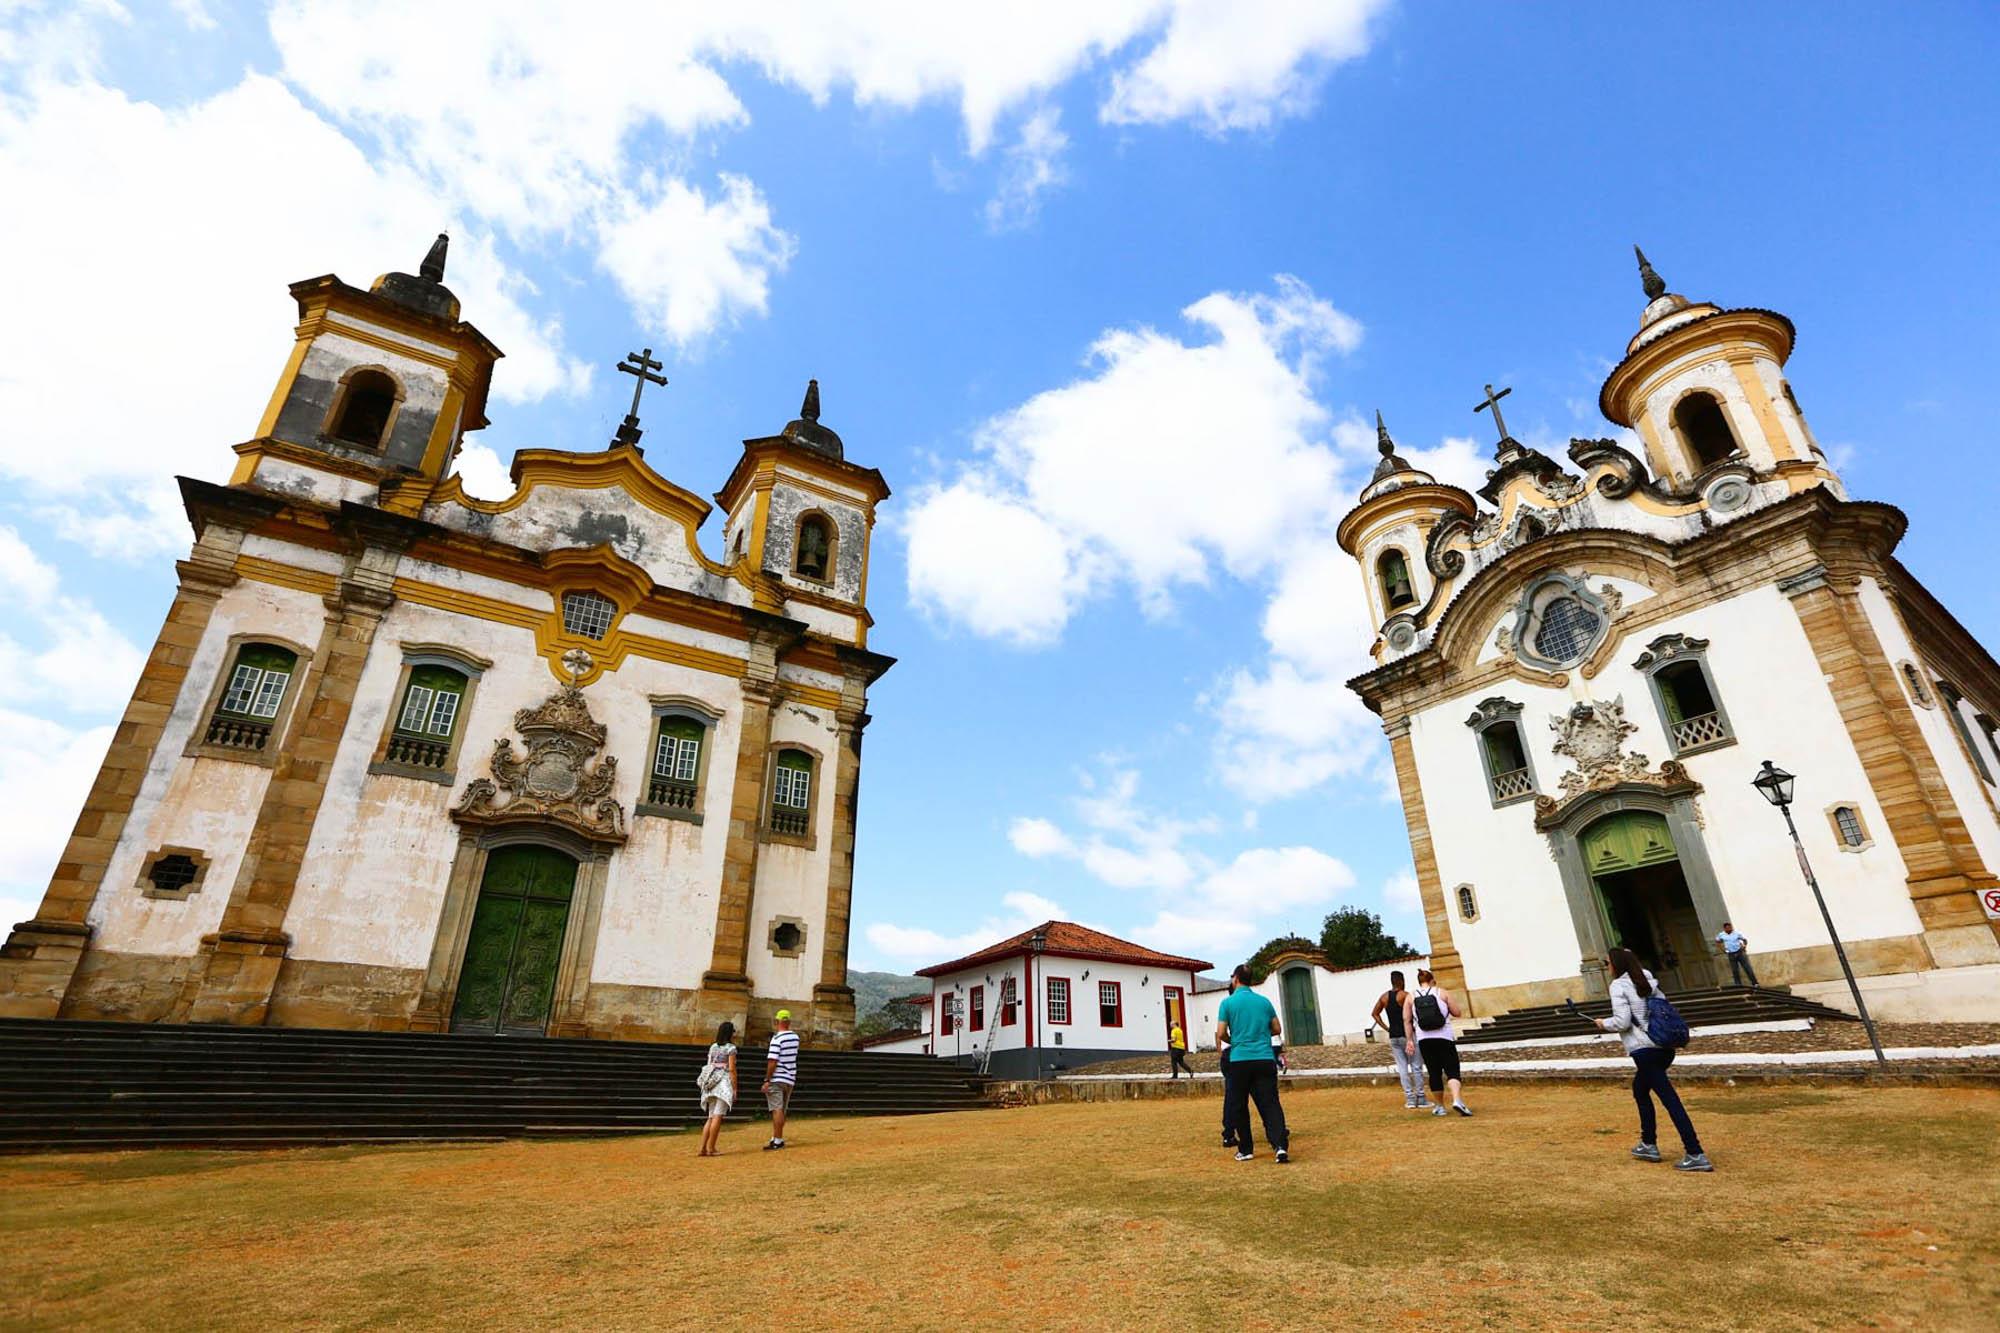 Turismo em Minas Gerais